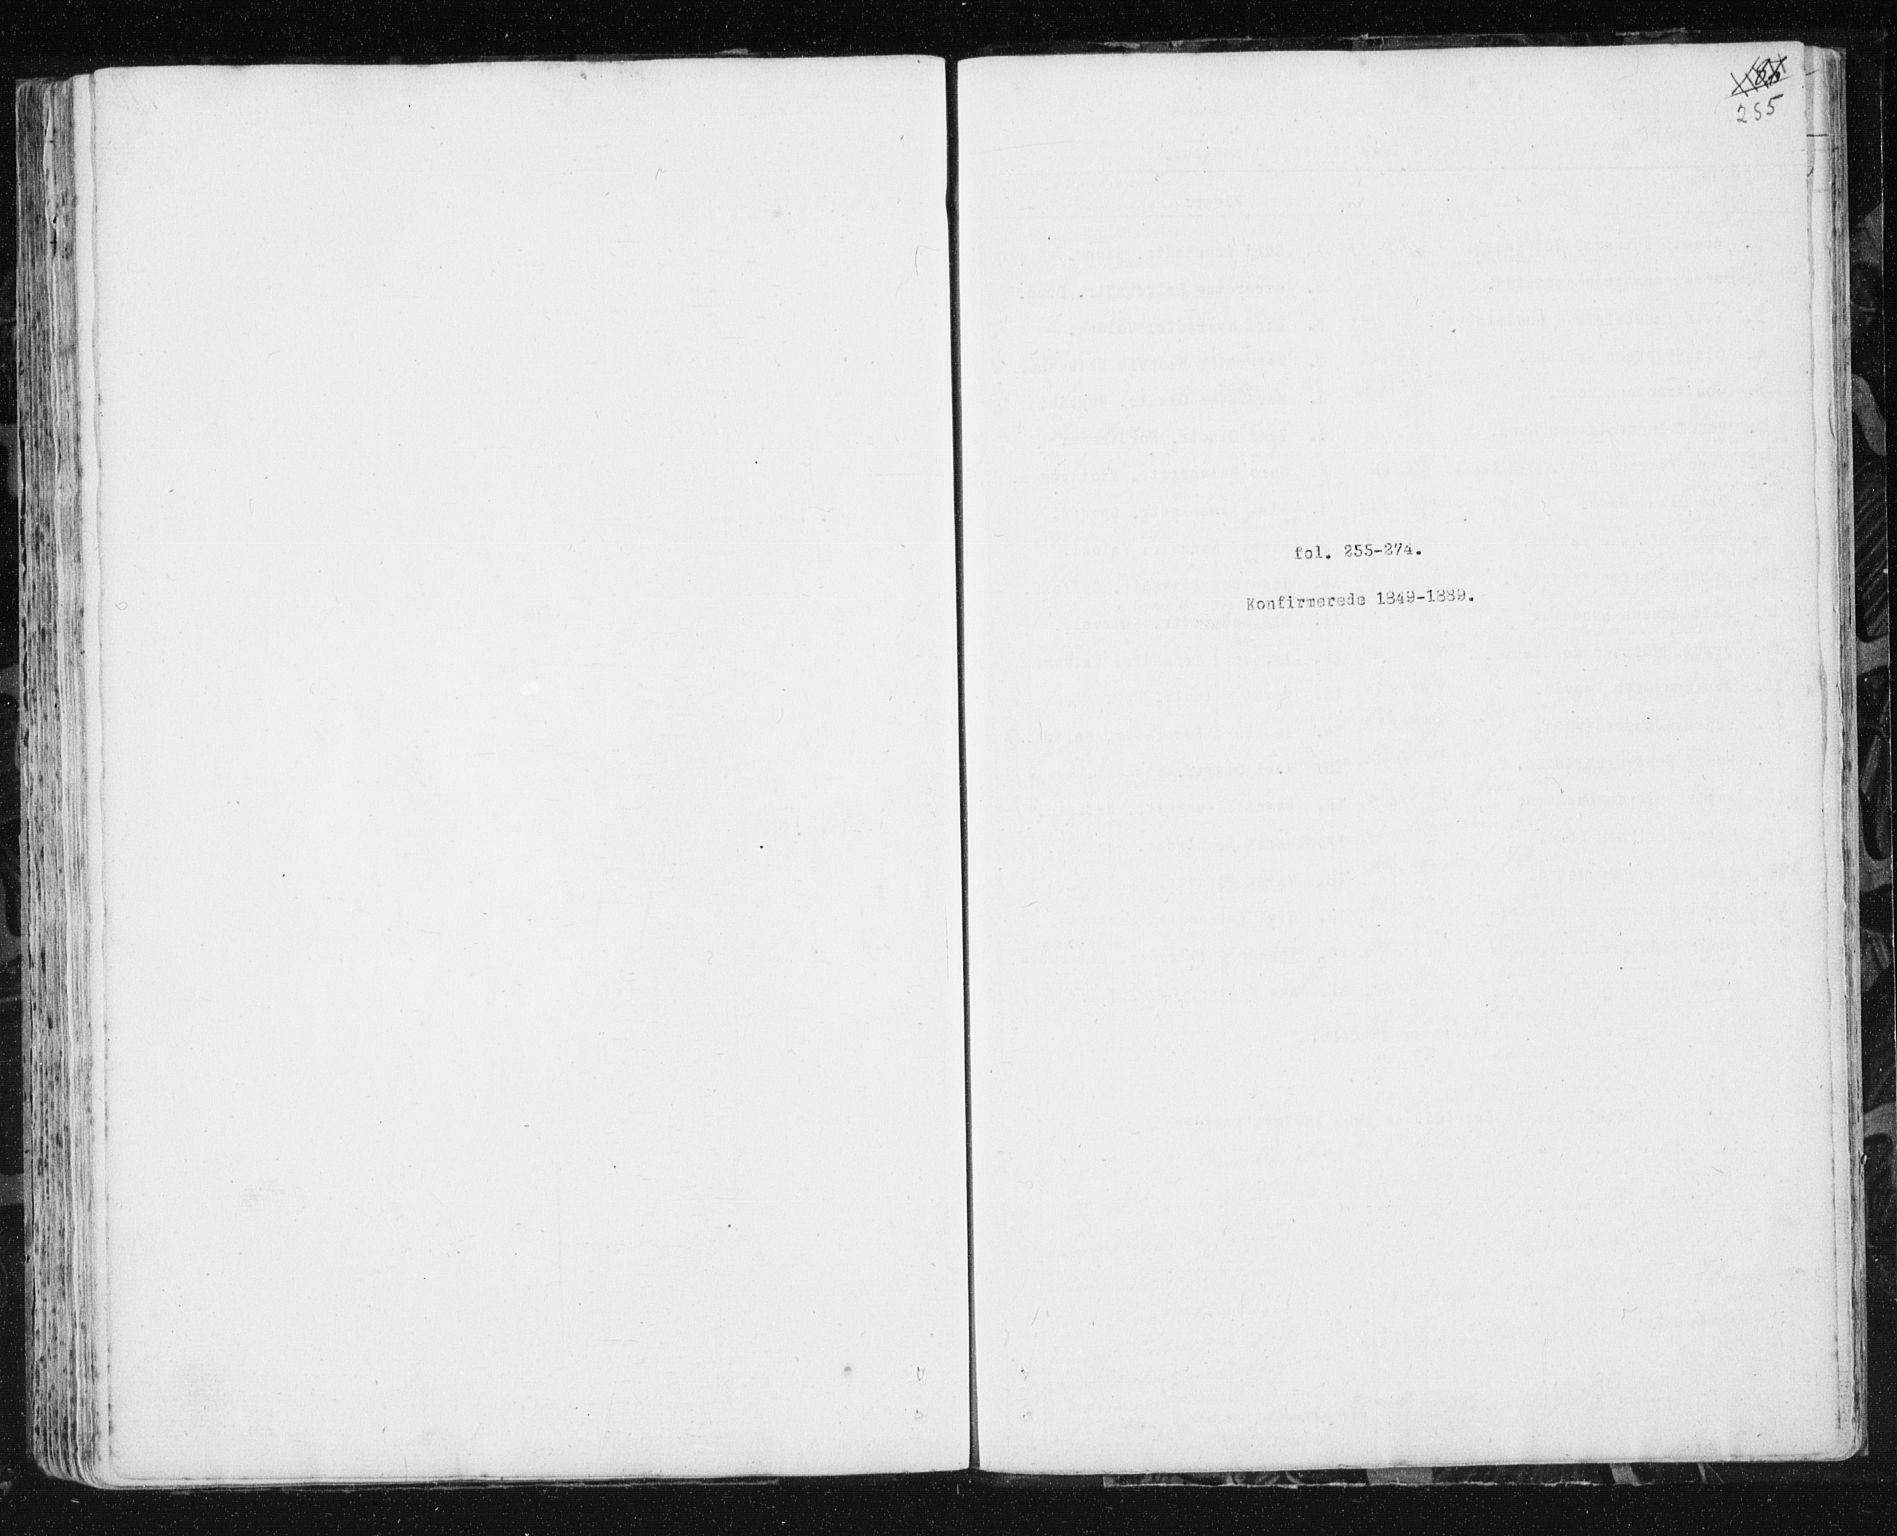 SAT, Ministerialprotokoller, klokkerbøker og fødselsregistre - Sør-Trøndelag, 692/L1110: Klokkerbok nr. 692C05, 1849-1889, s. 255